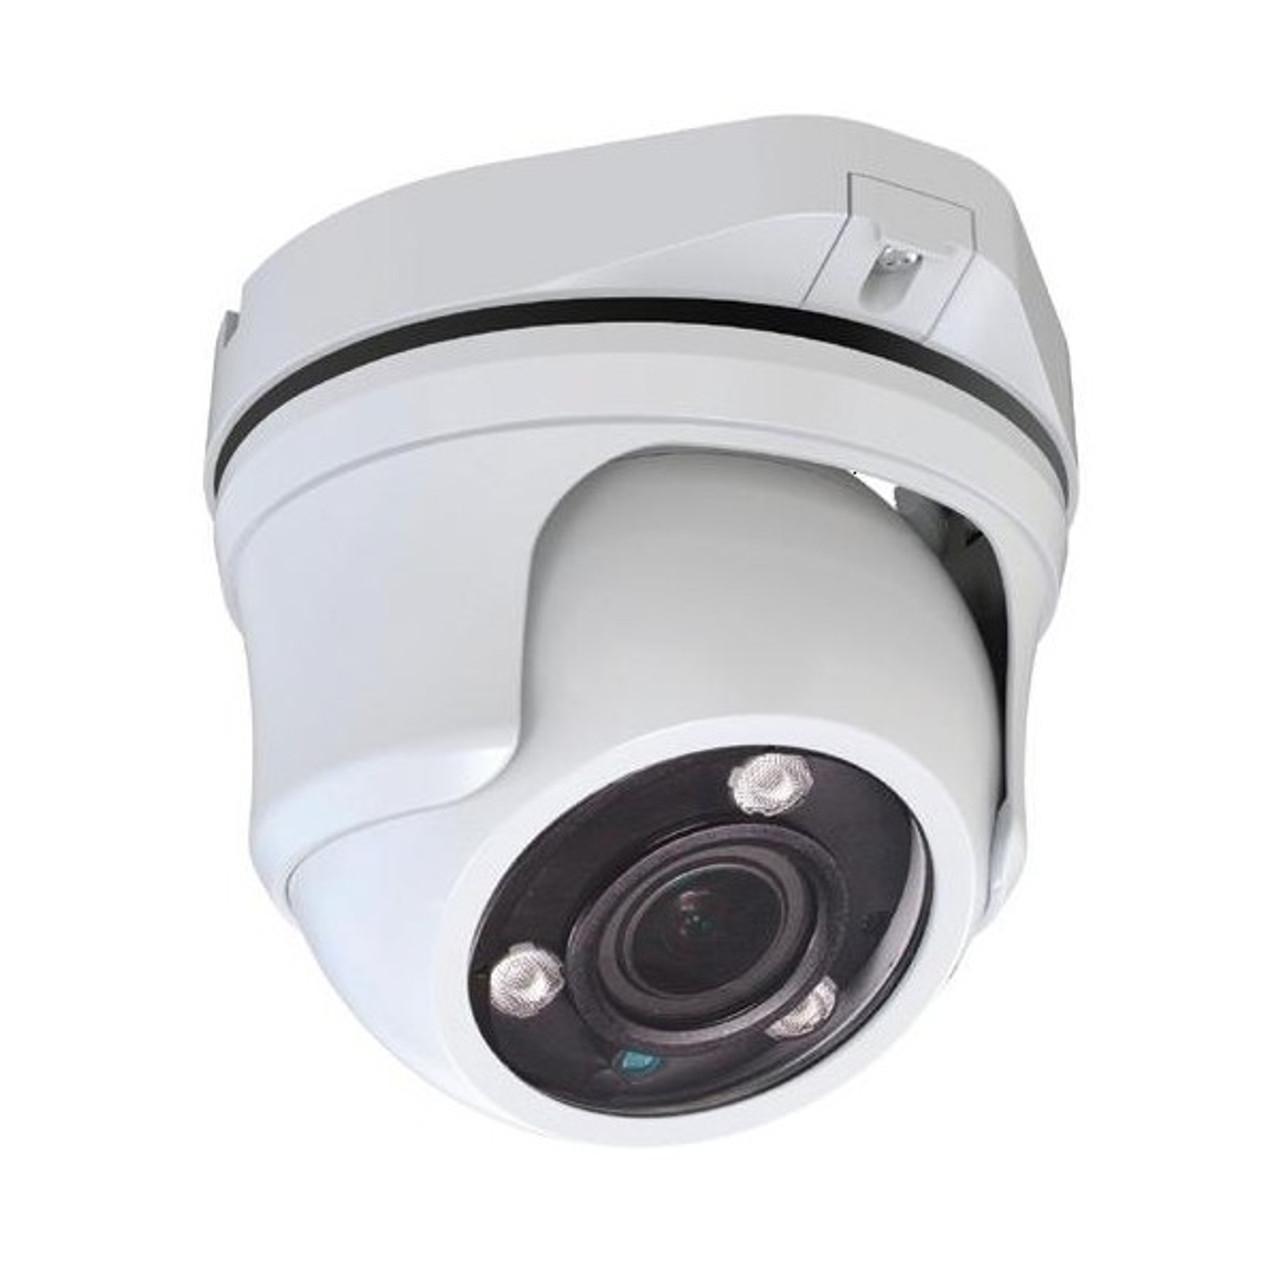 2MP TVI 2.8MM-12MM Varifocal Eyeball Dome Camera